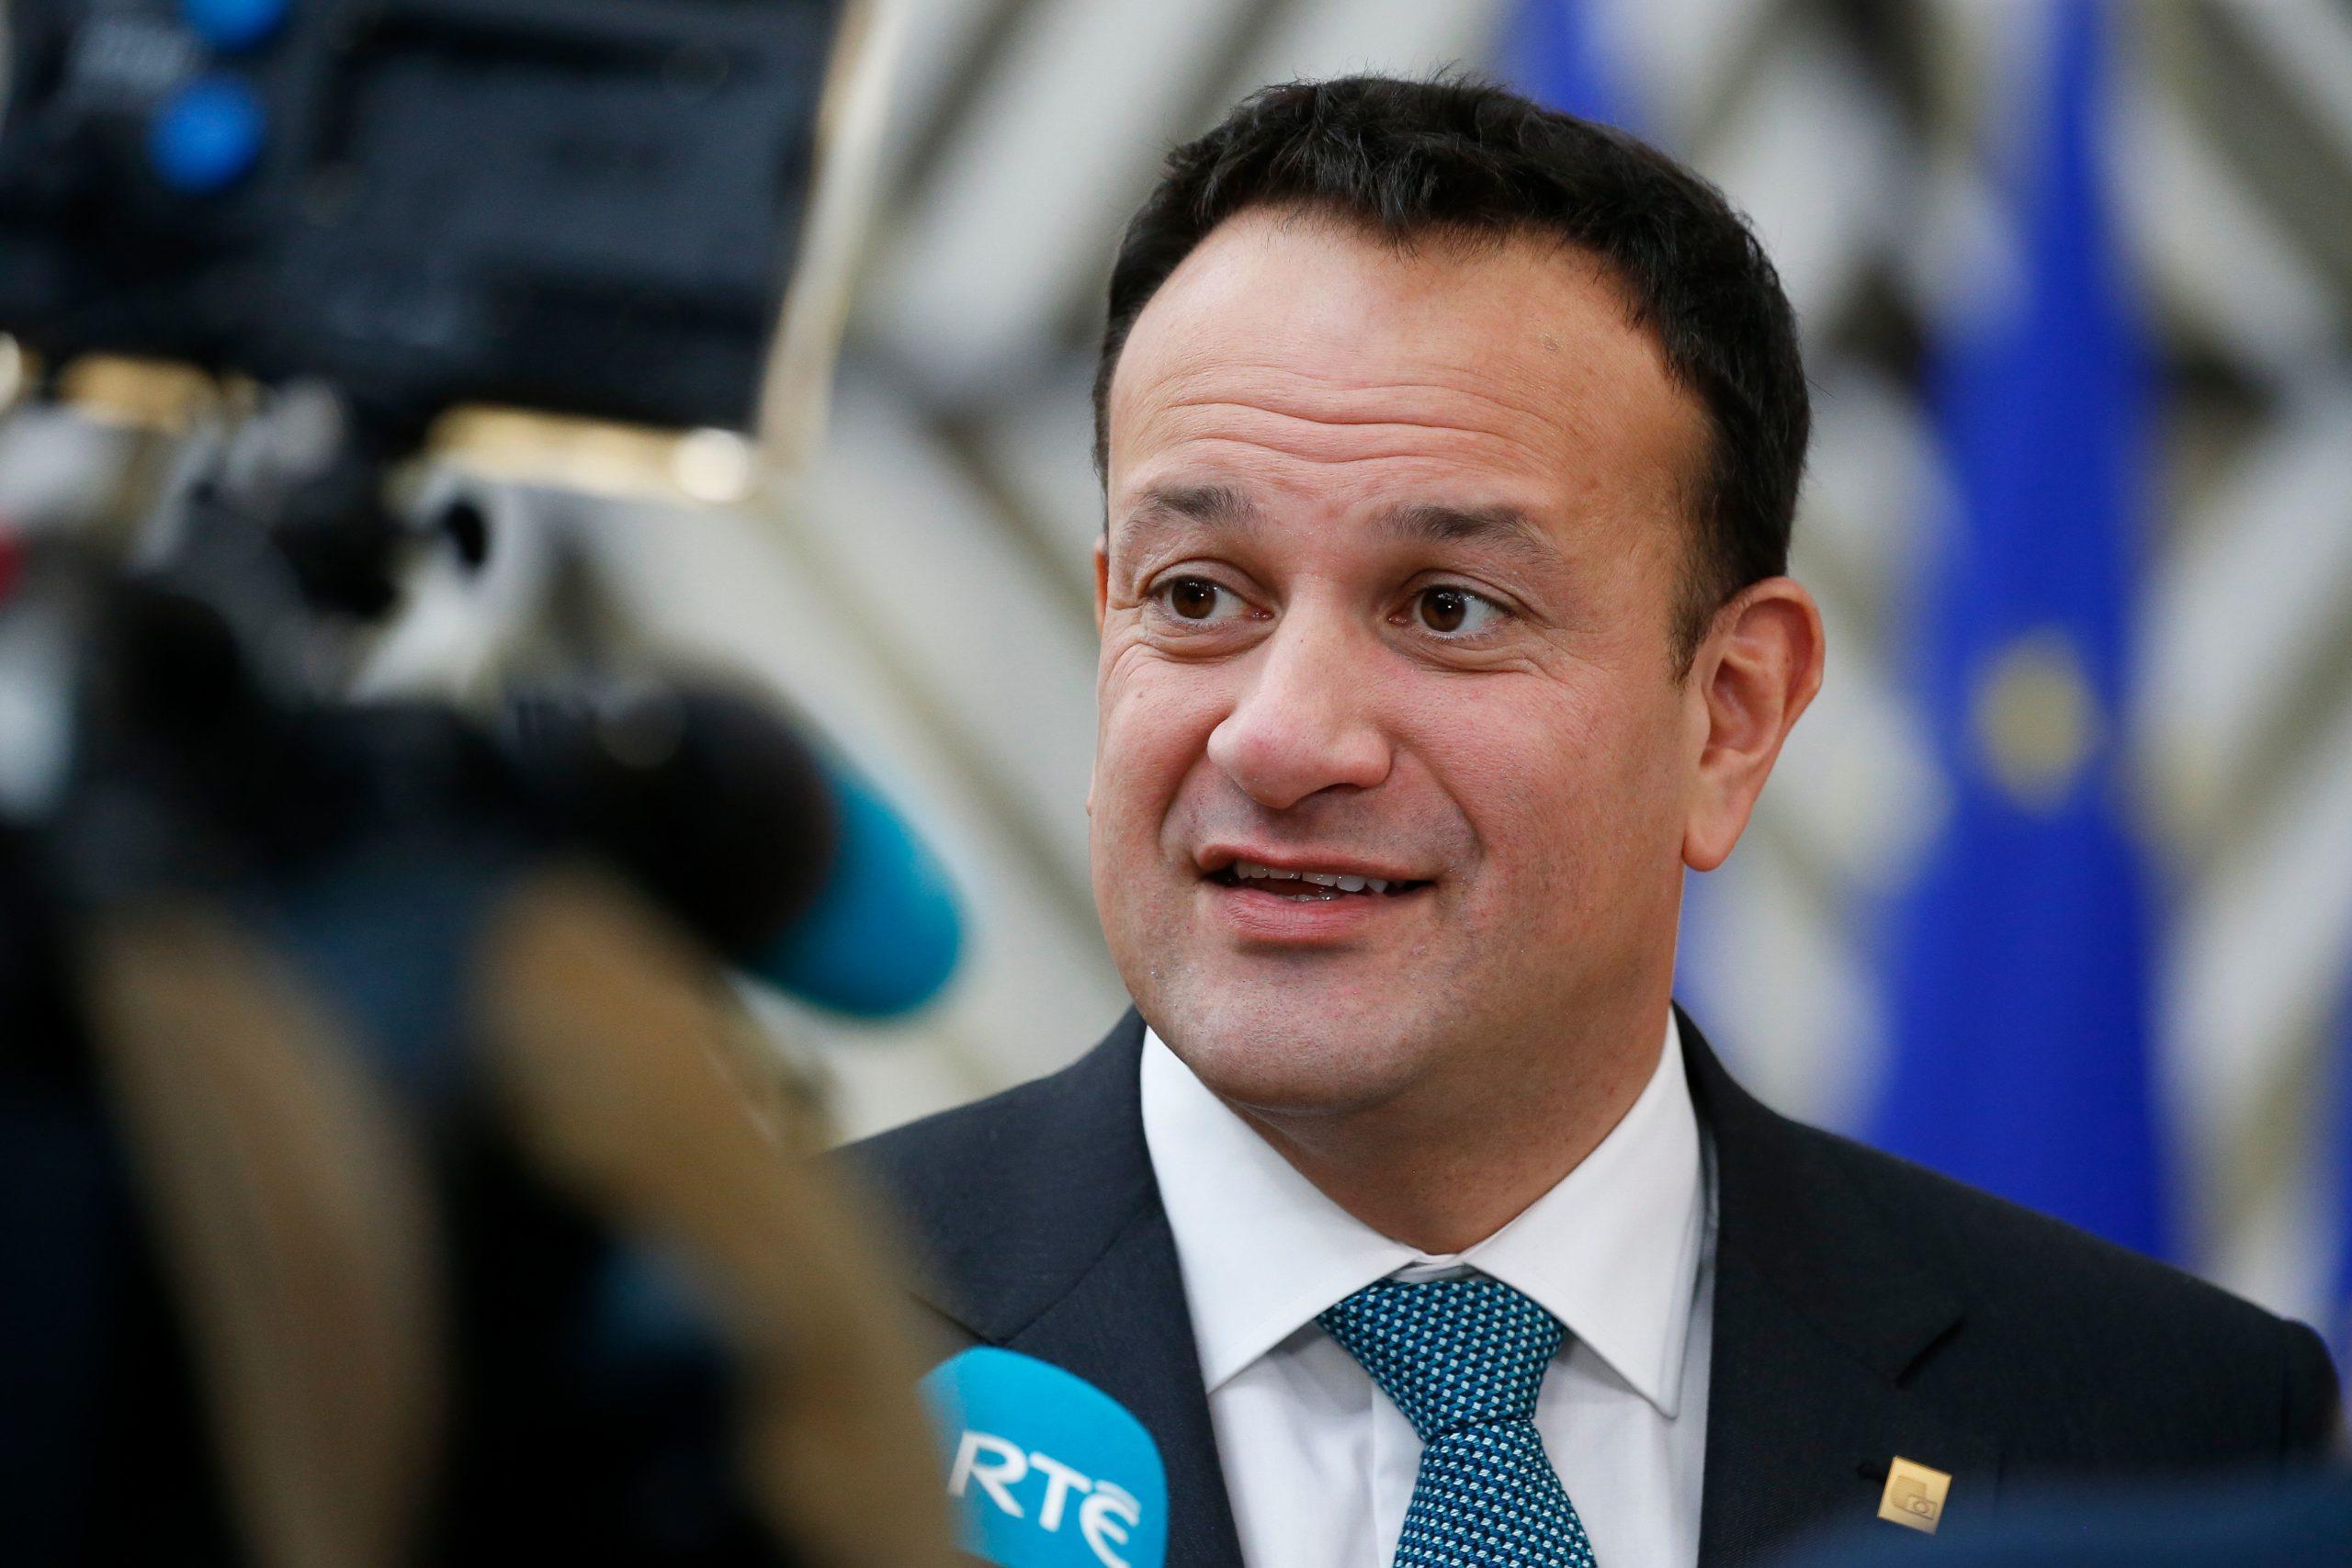 Irish Prime Minister, An Taisoeach Leo Varadkar